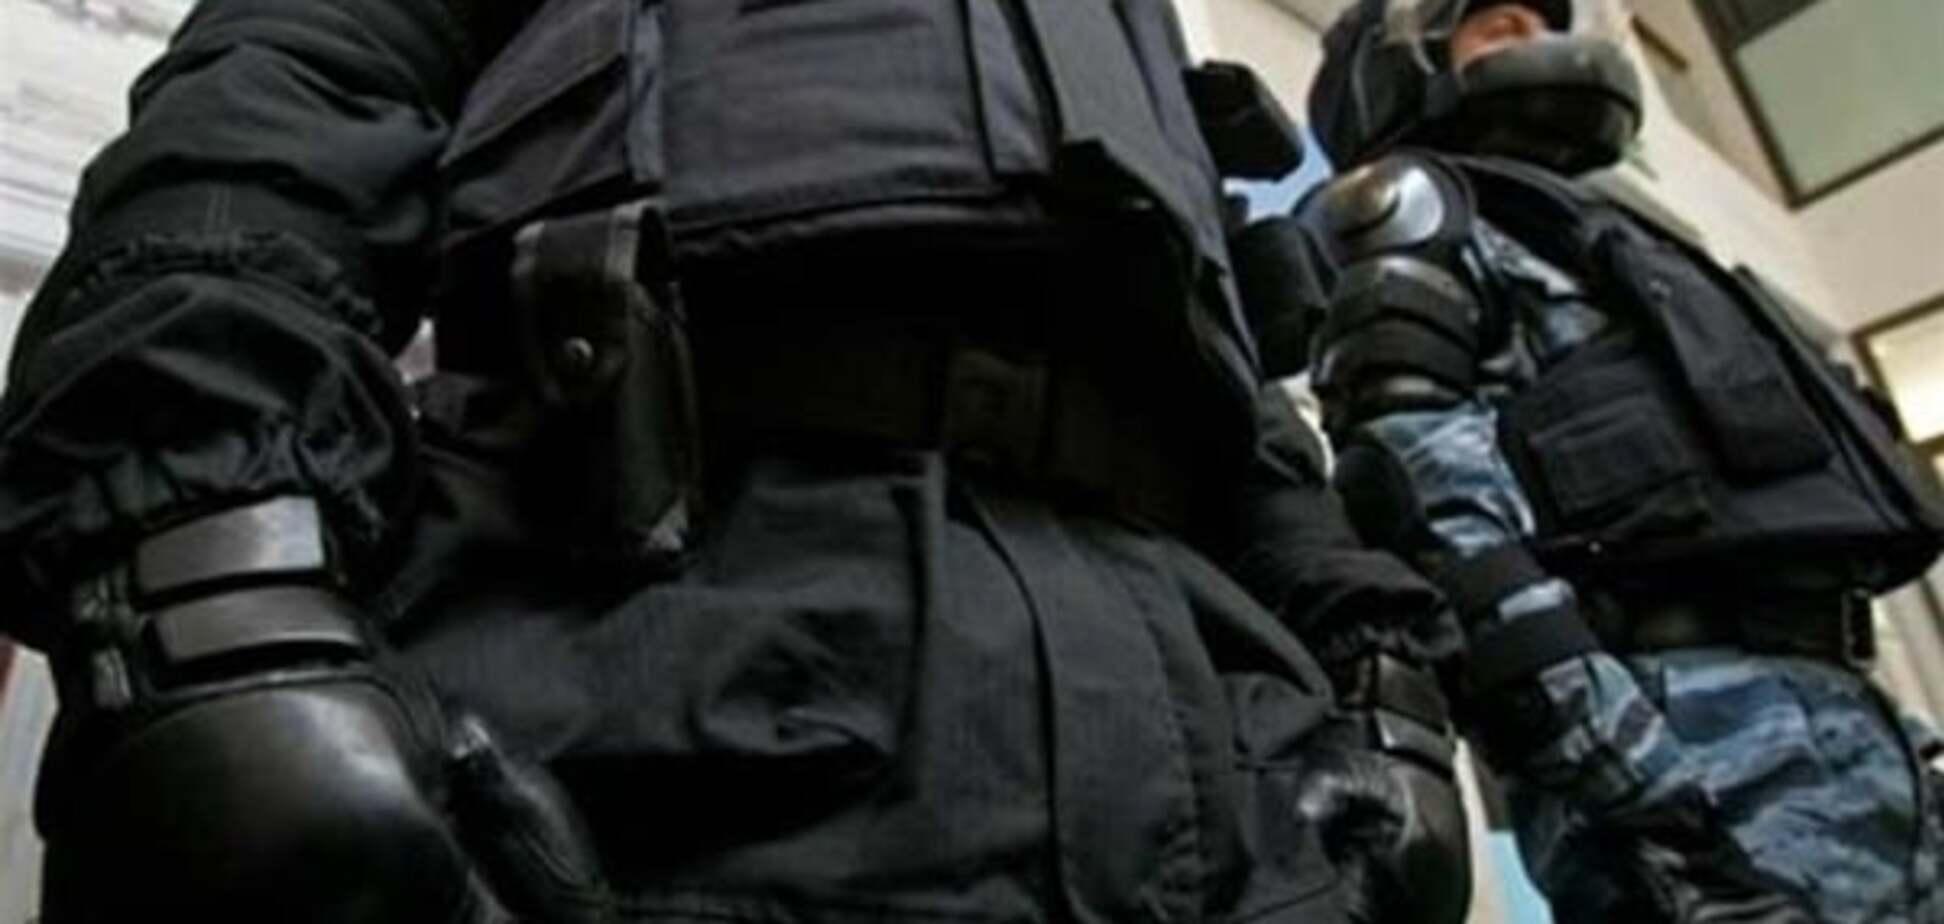 Репрессии в Крыму: оккупанты подбросили в мечеть запрещенную литературу